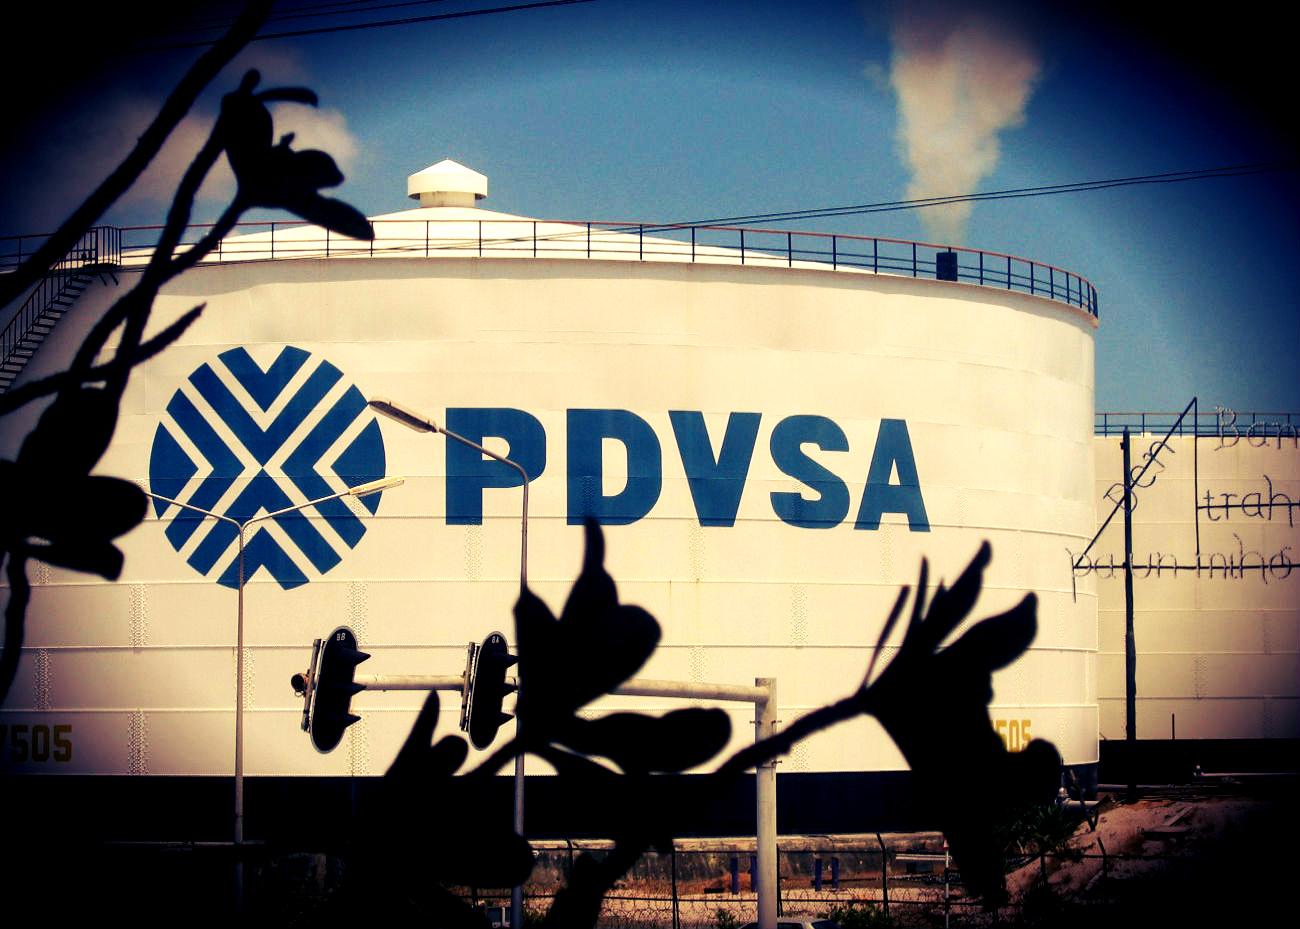 Recuperar o no a PDVSA: ¡Un falso dilema! por Alexander Guerrero